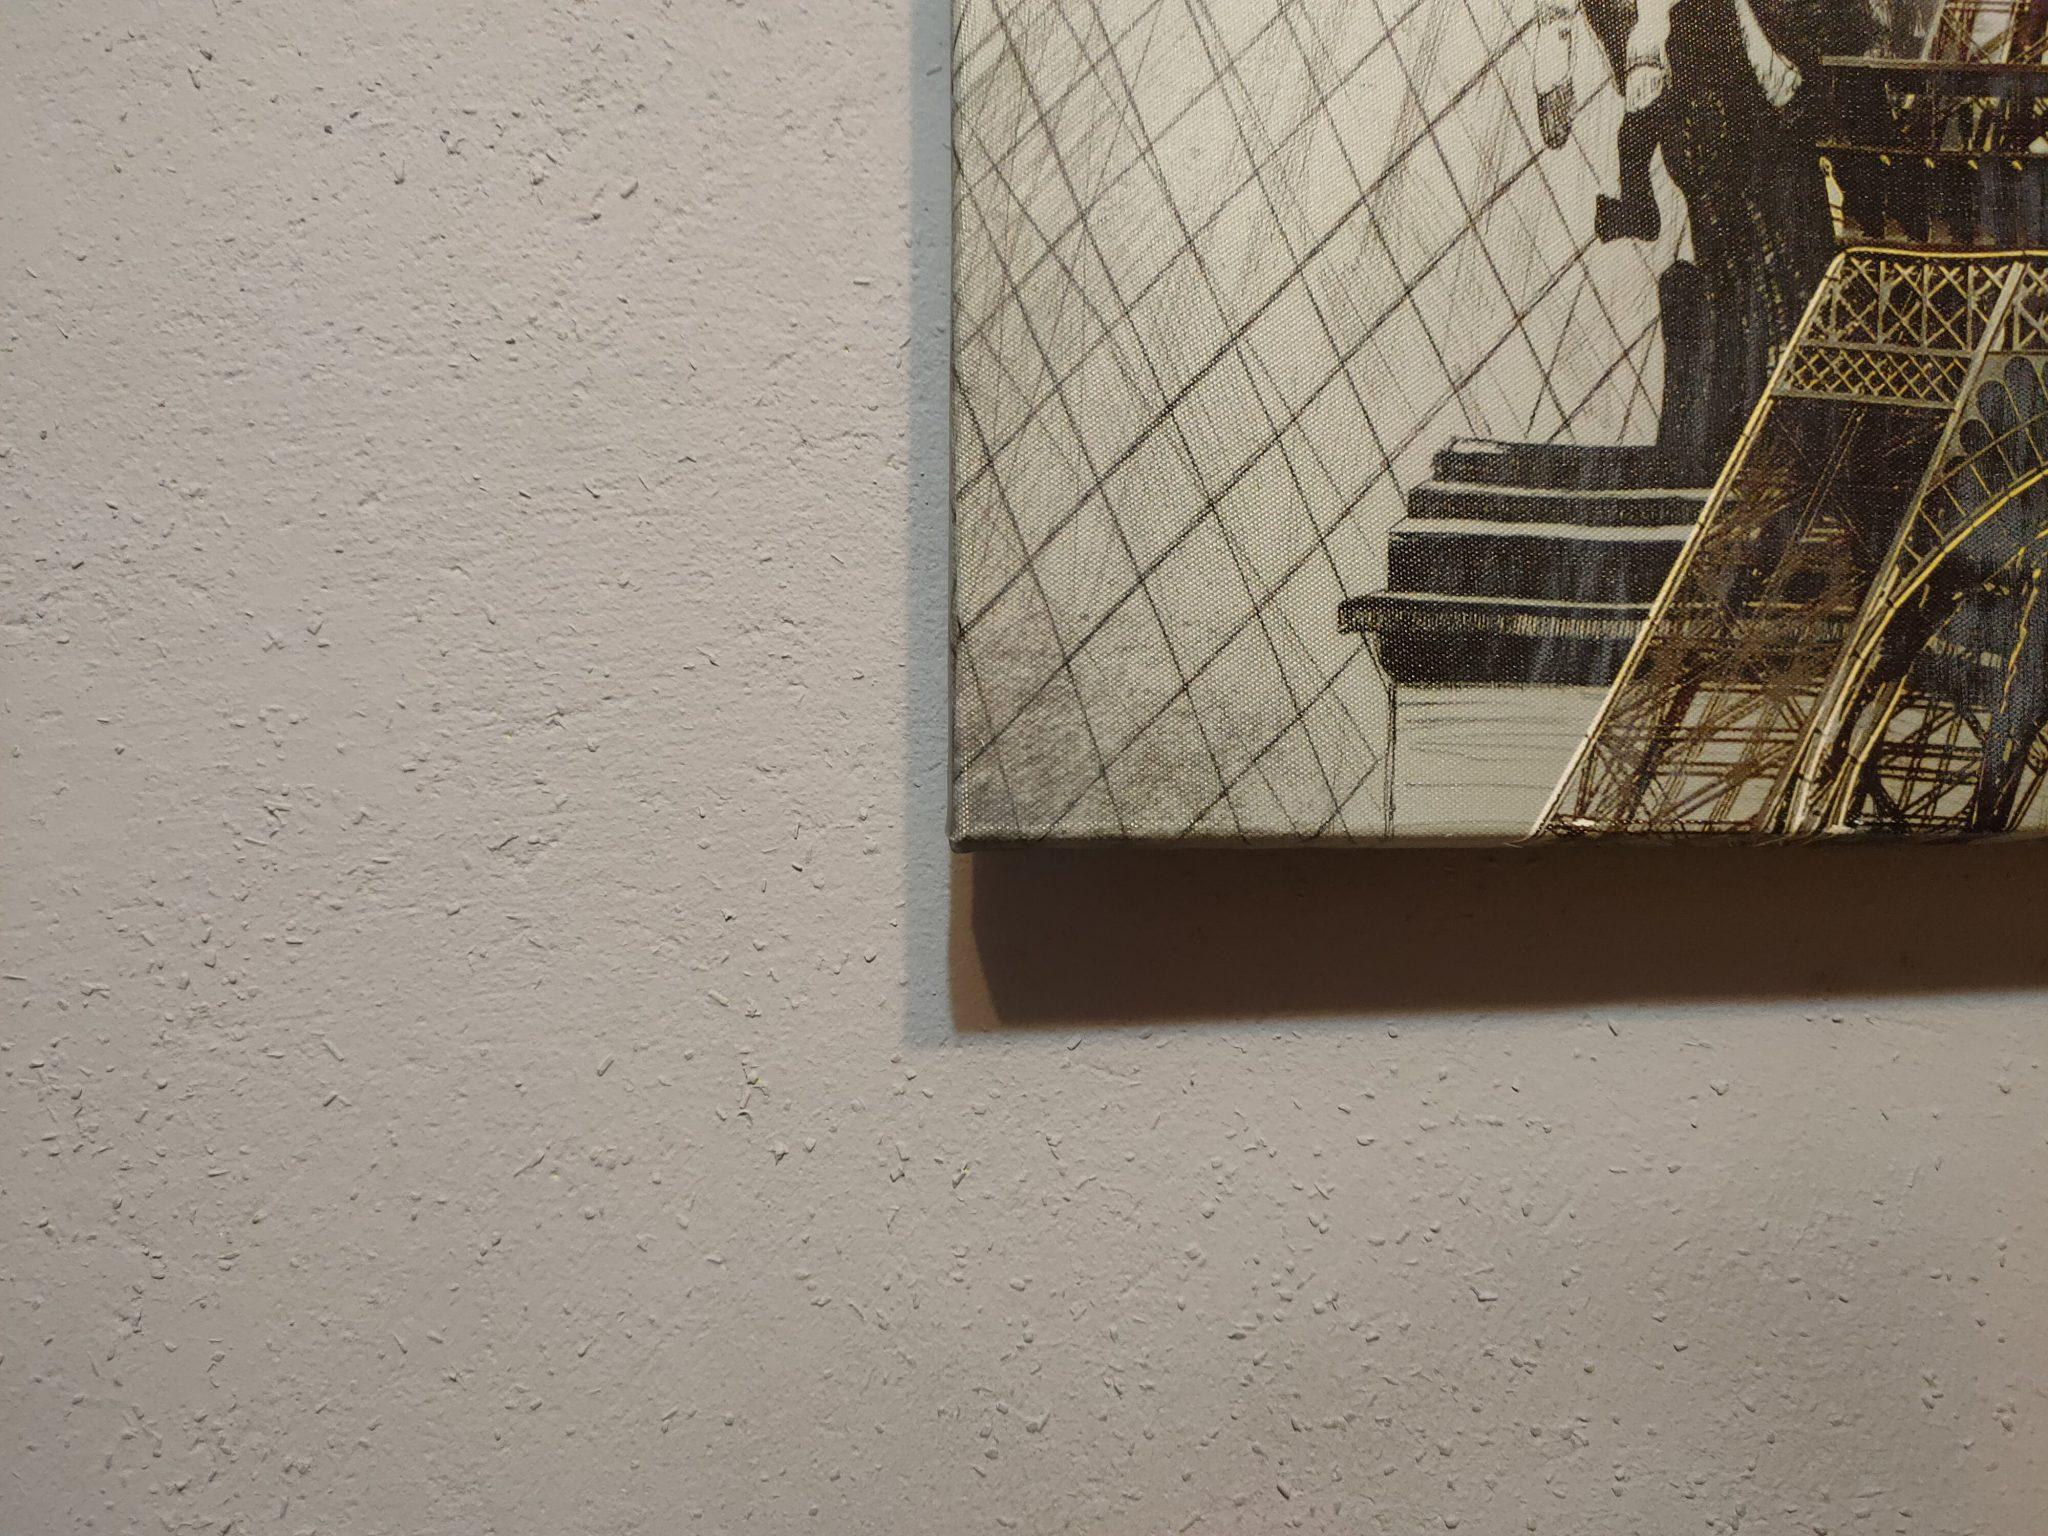 Zdjęcia w pomieszczeniu - Oppo Reno